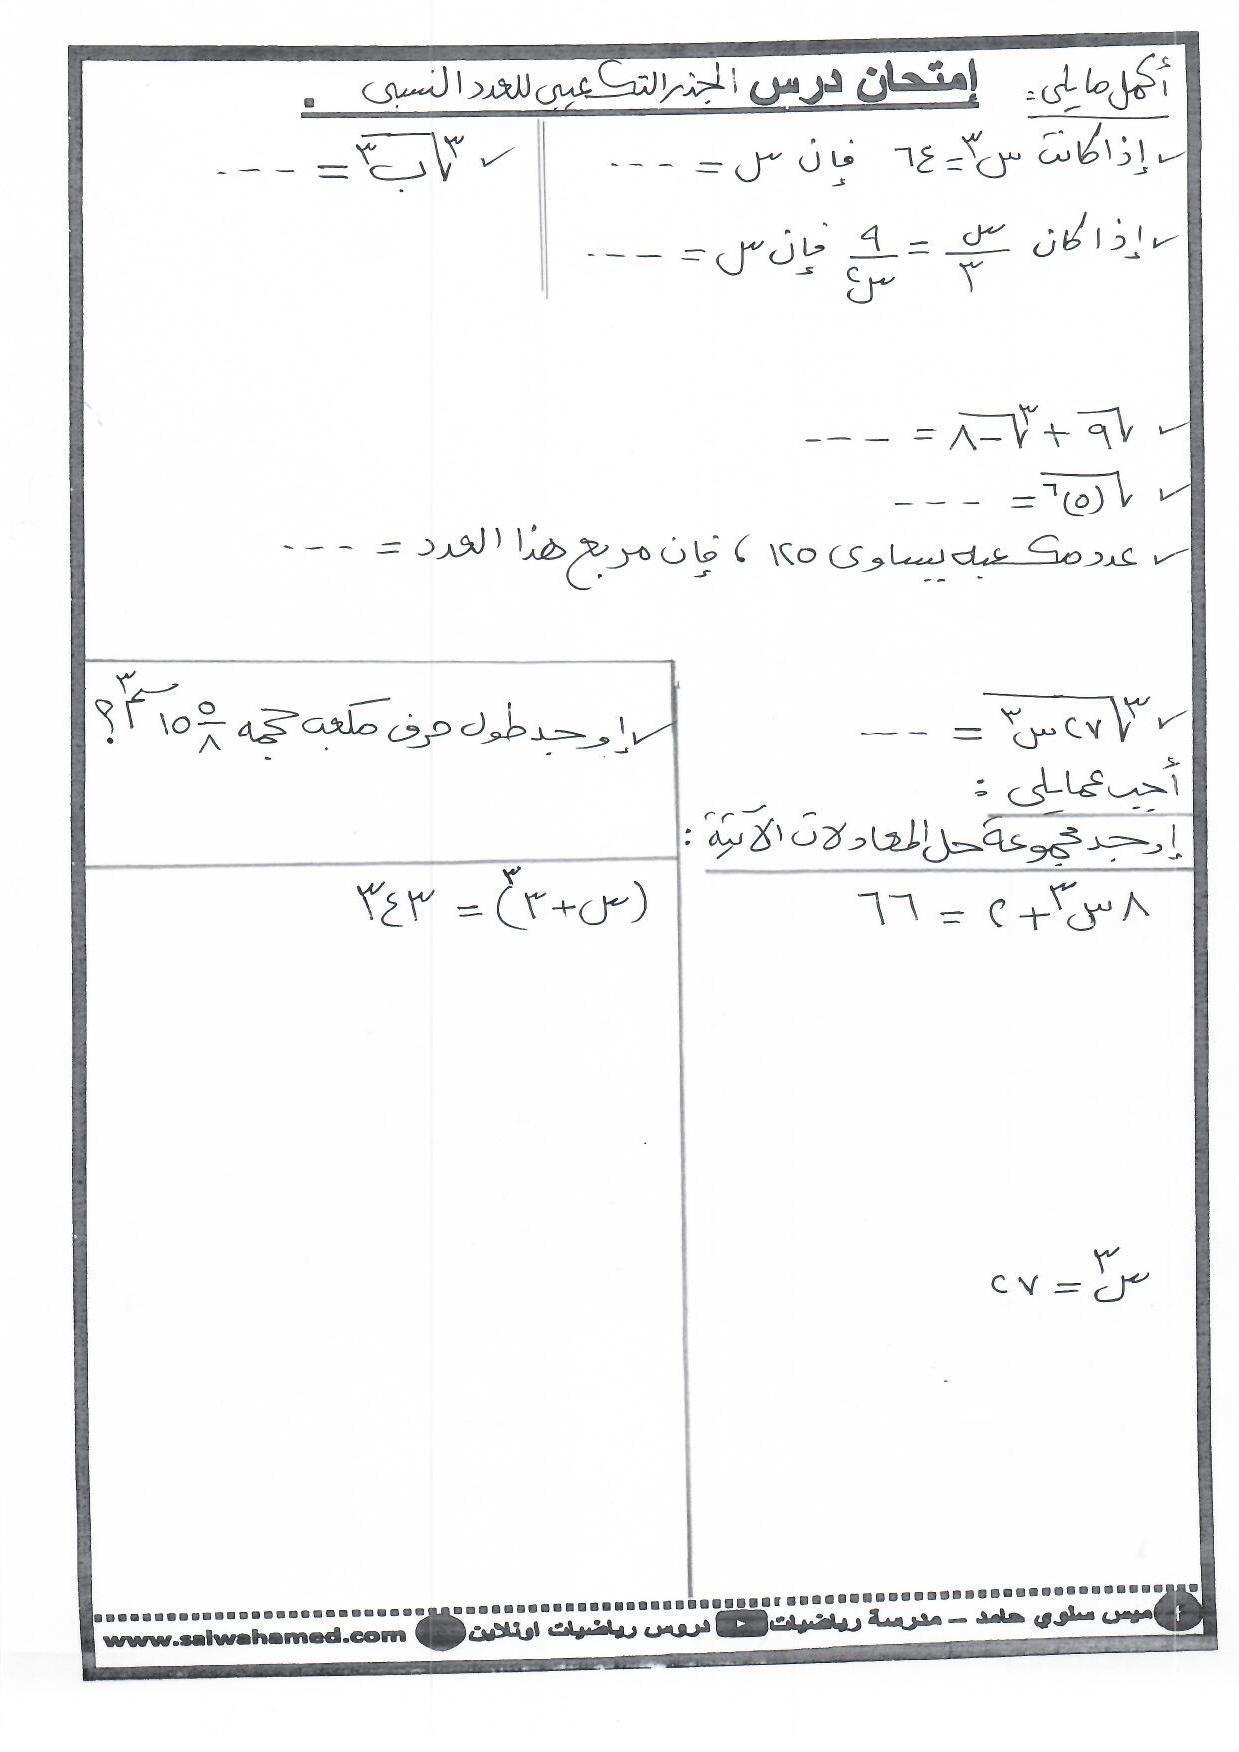 امتحان درس الجذر التكعيبي للعدد النسبي - جبر - للصف الثاني الاعدادي -